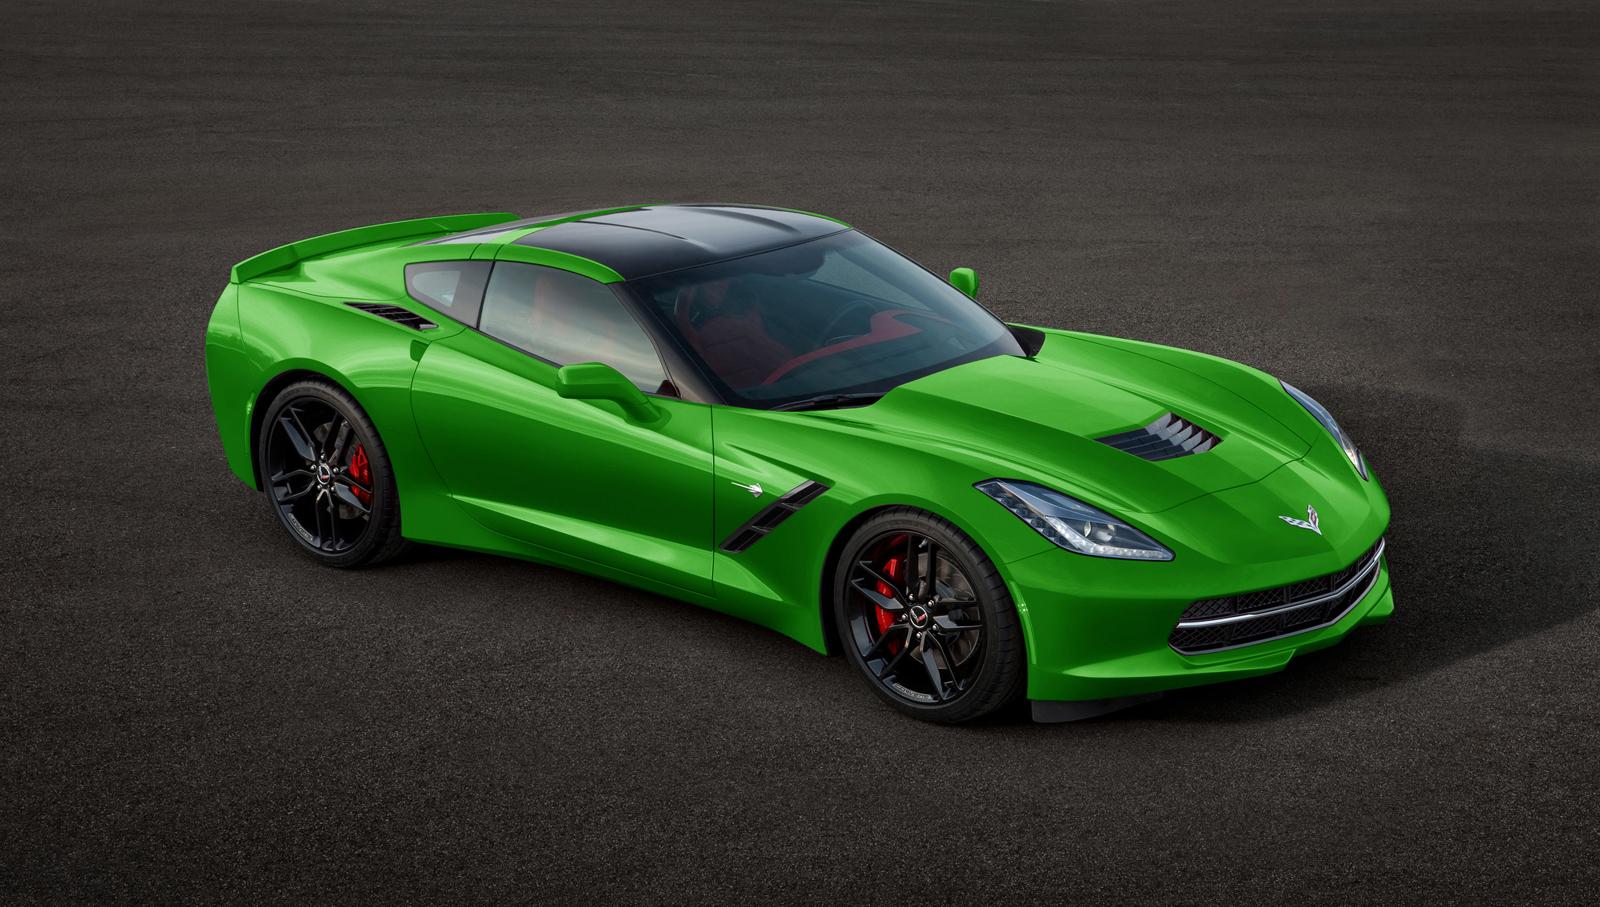 2014 Corvette Stingray Colors